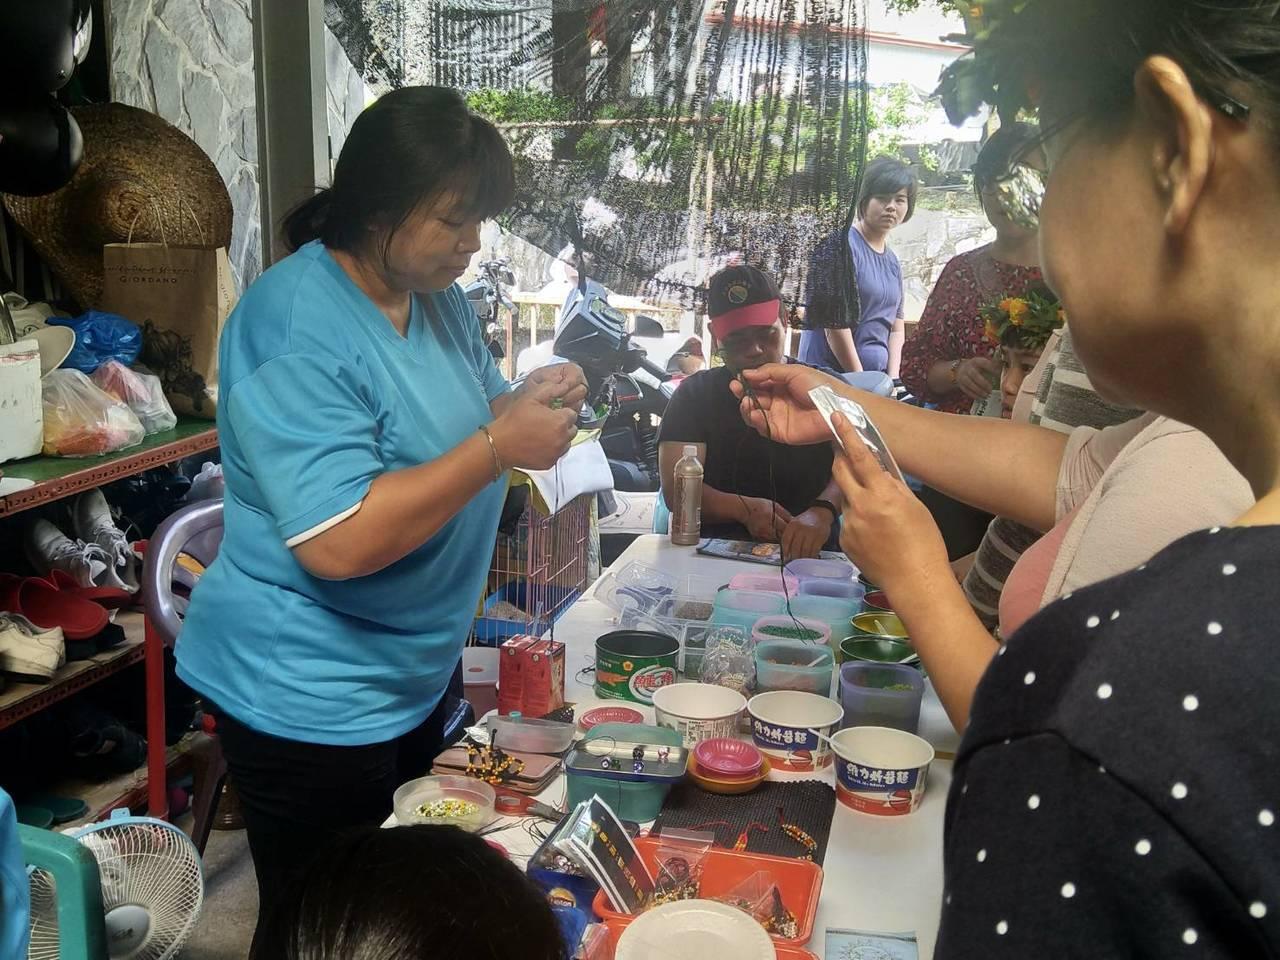 黑米闖關項目,多納部落婦女傳授串珠技巧。記者徐白櫻/翻攝